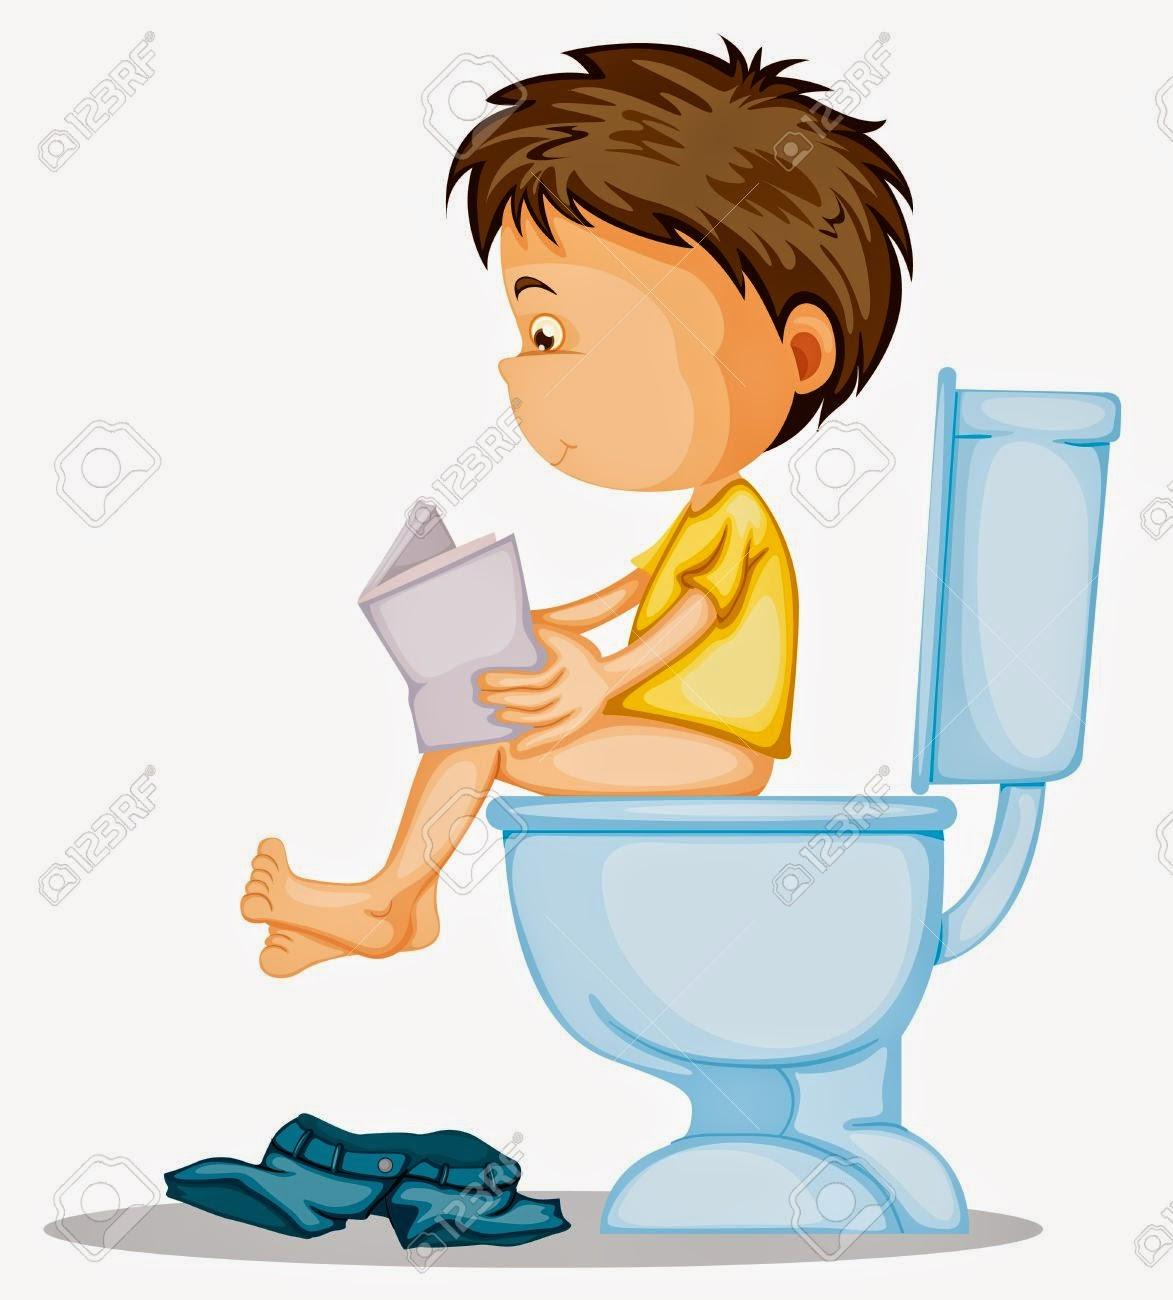 Juegos De Ir Al Baño A Hacer Popo: , ir al baño, wc, caca, bebes, ir al baño solo, quitar el pañal